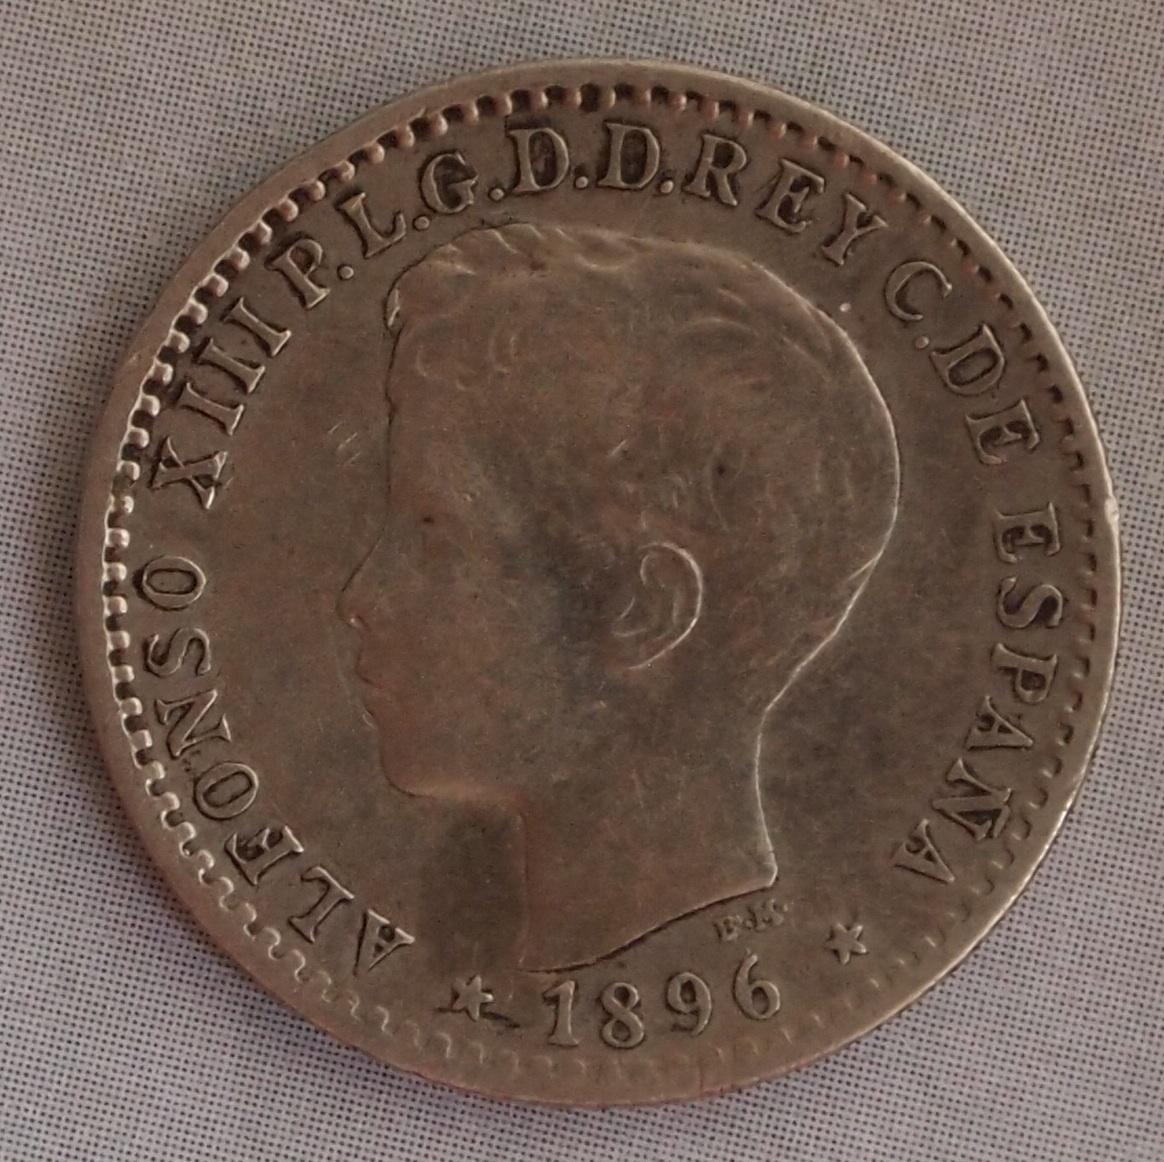 10 centavos alfonso XIII isla puerto rico 1896 1